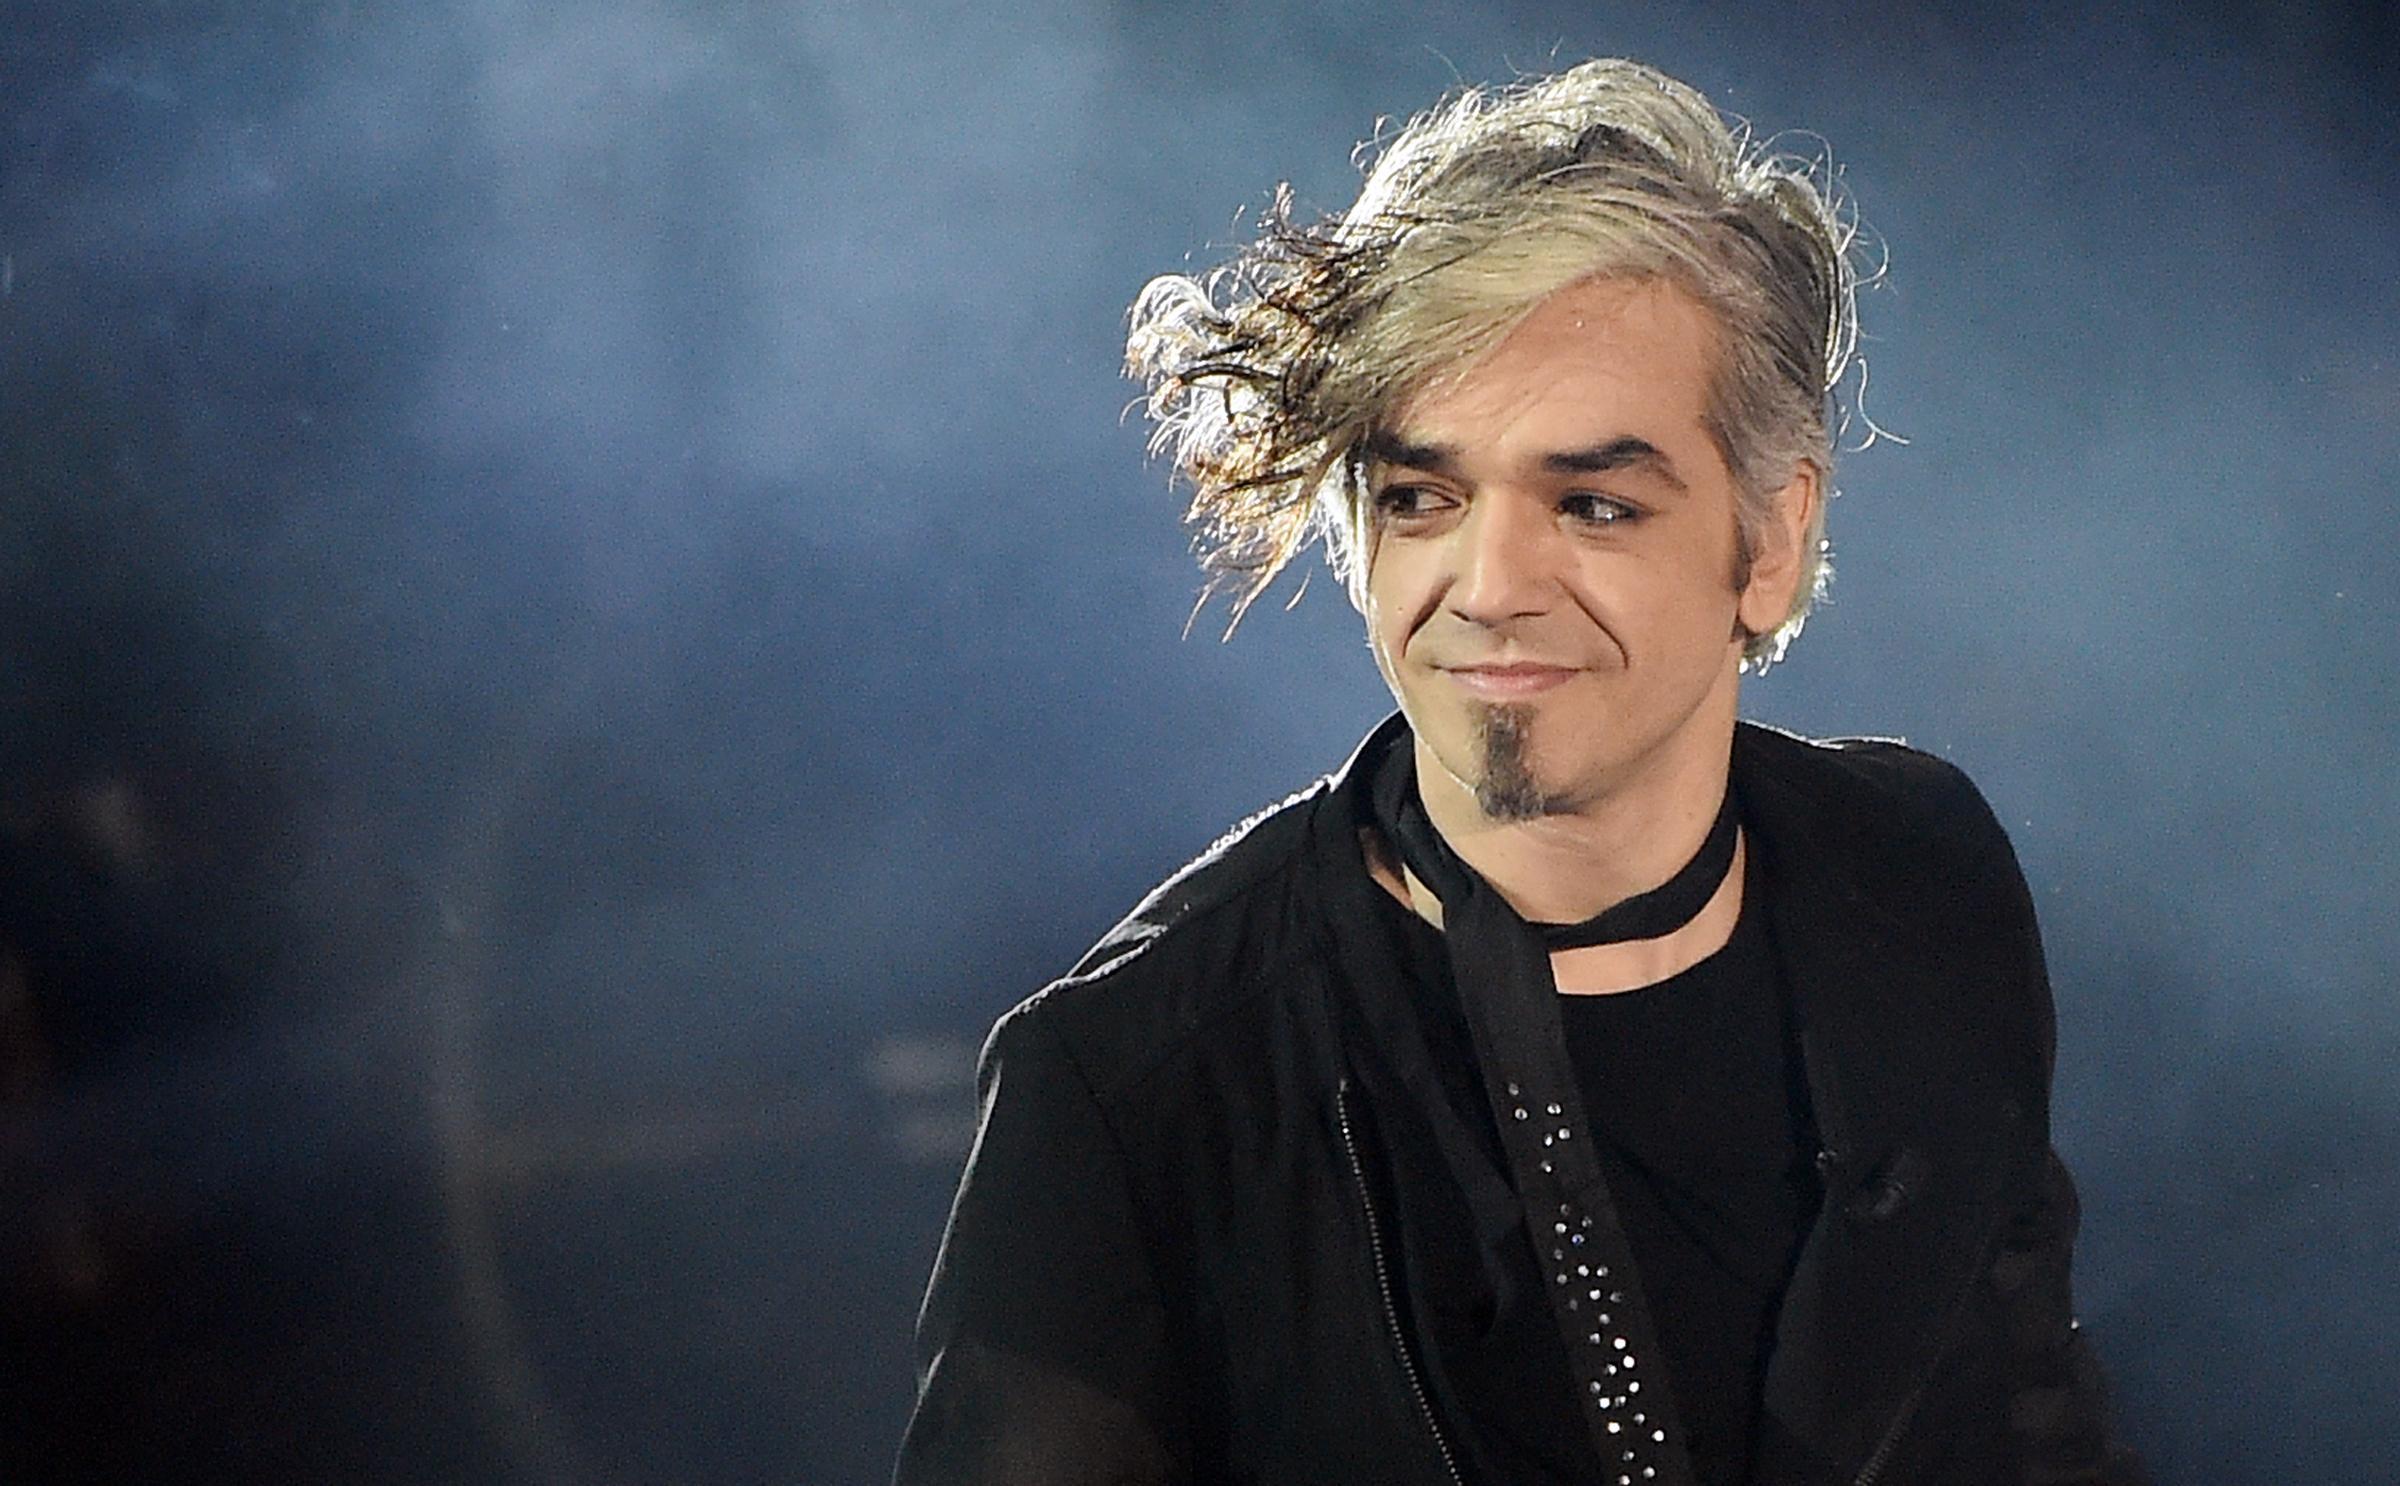 Morgan a Sanremo 2019 con Achille Lauro: il ritorno dopo la cacciata del 2010